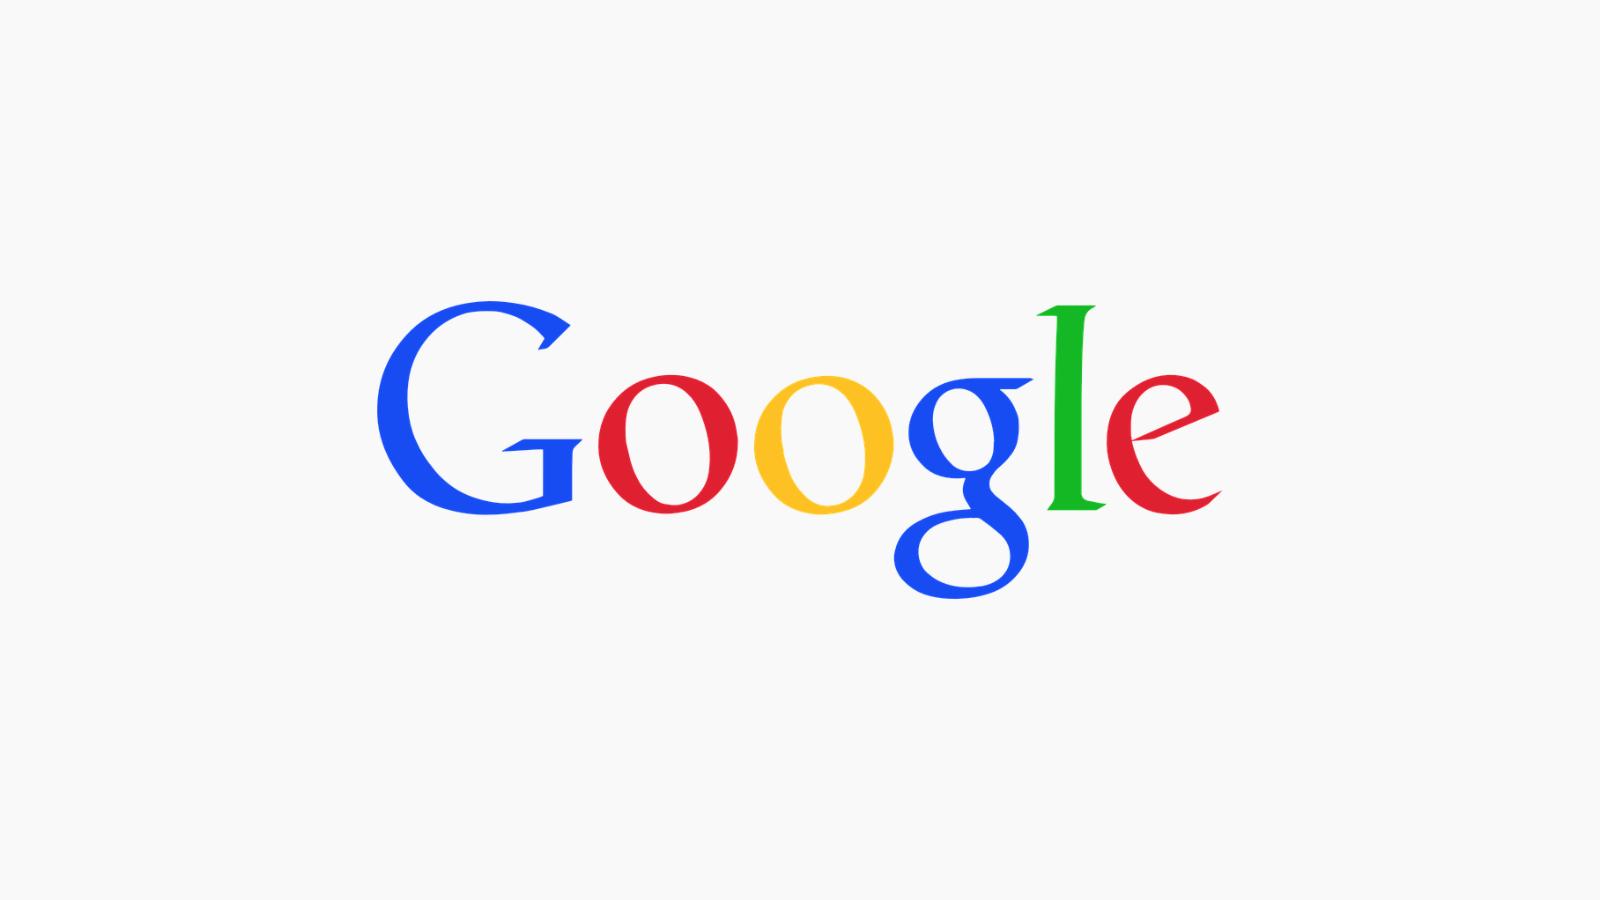 Cara Cepat Mencari Gambar Background Transparan Di Google   WeBaik